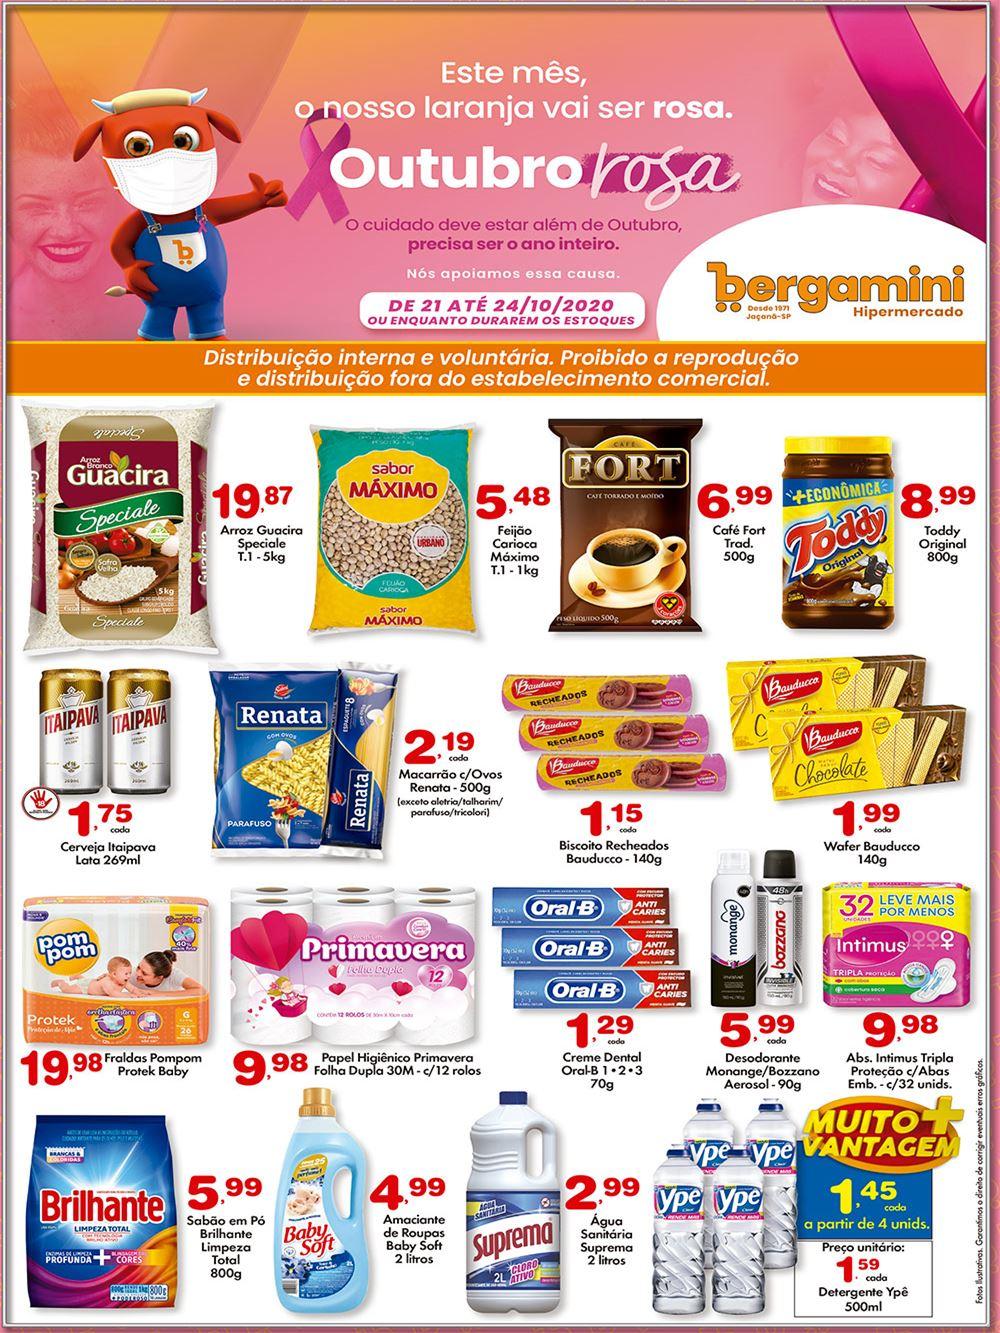 bergamini-ofertas-descontos-hoje1-6 Ofertas de supermercados - Economize